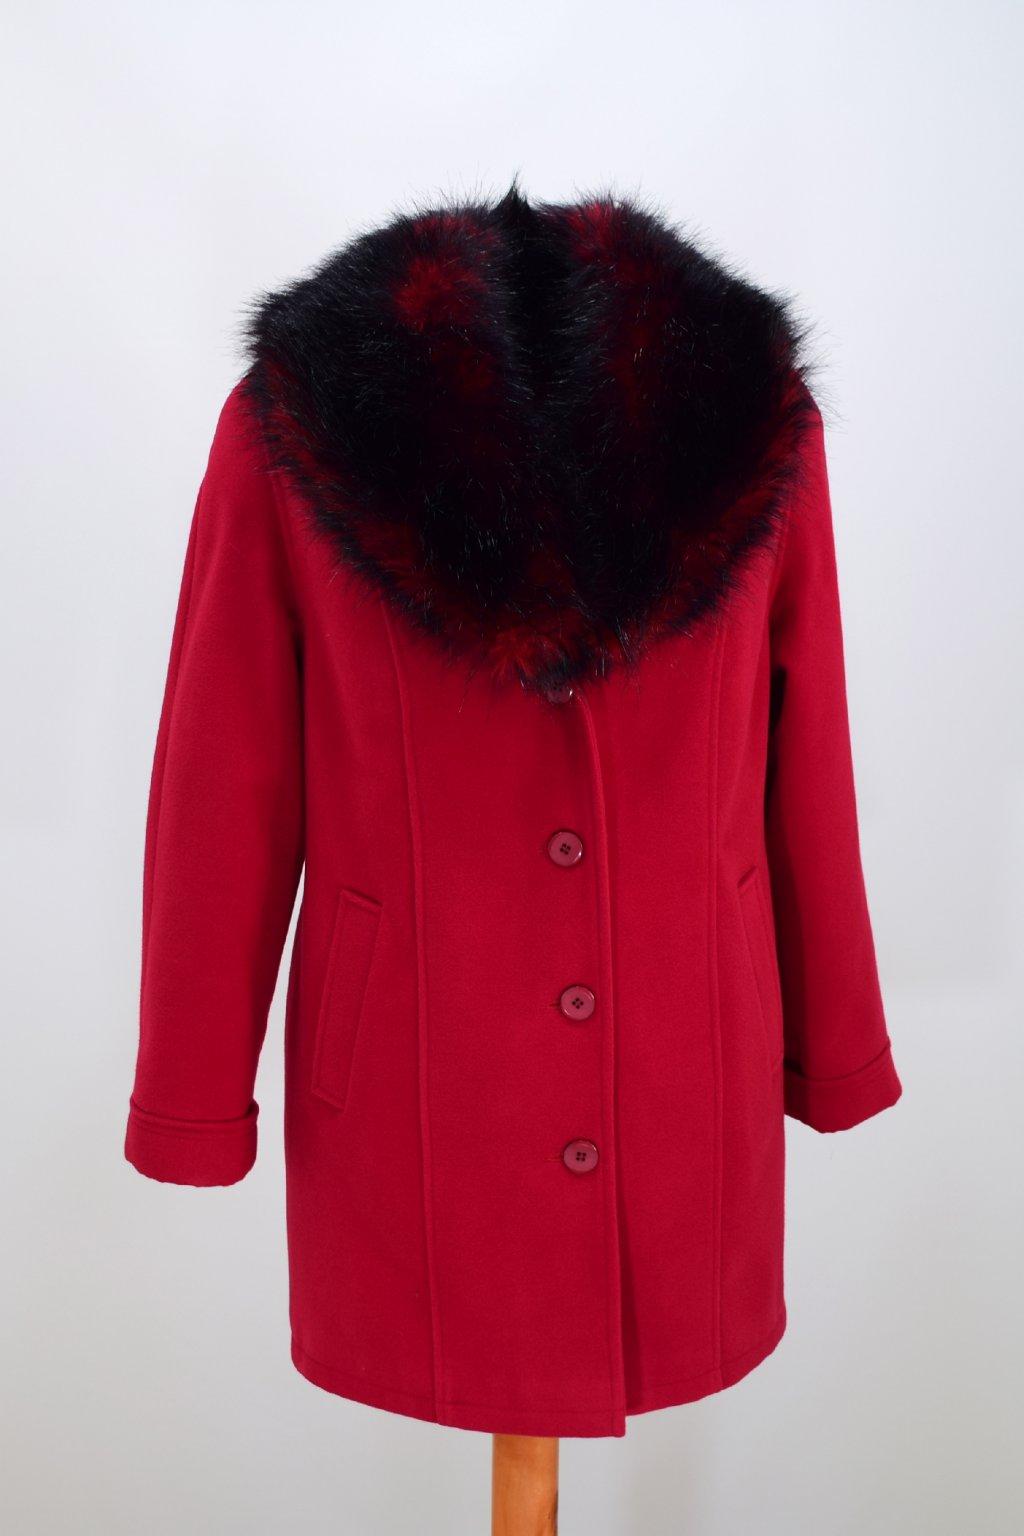 Dámský zimní červený kabát Táňa nadměrné velikosti.